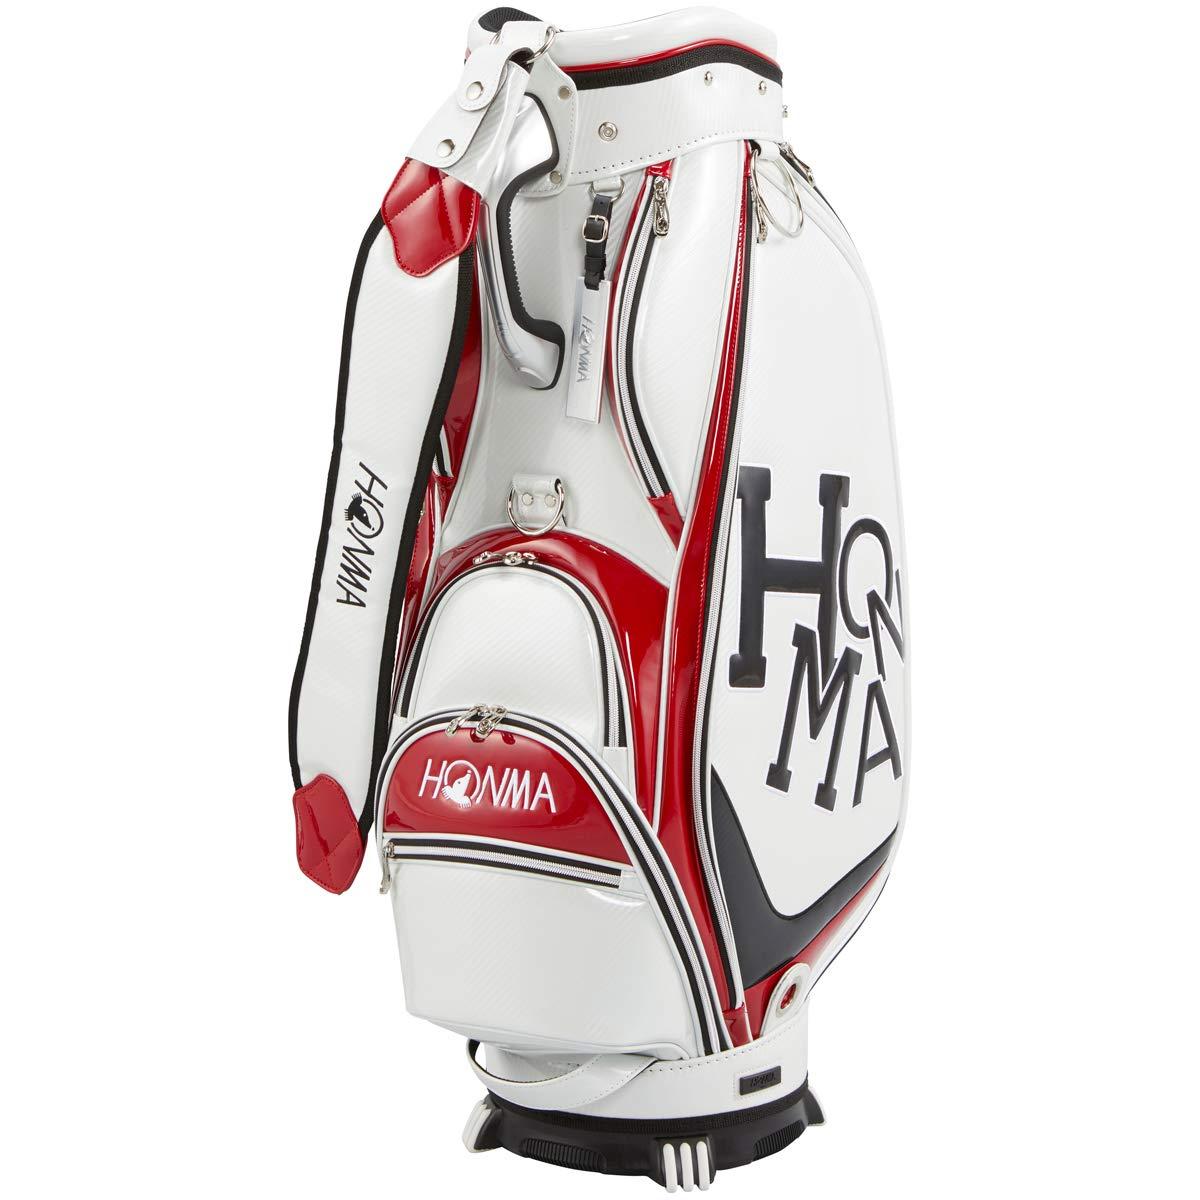 本間ゴルフ キャディーバッグ HONMA CB1908 メンズ ホワイト 9 B07MWDN67J